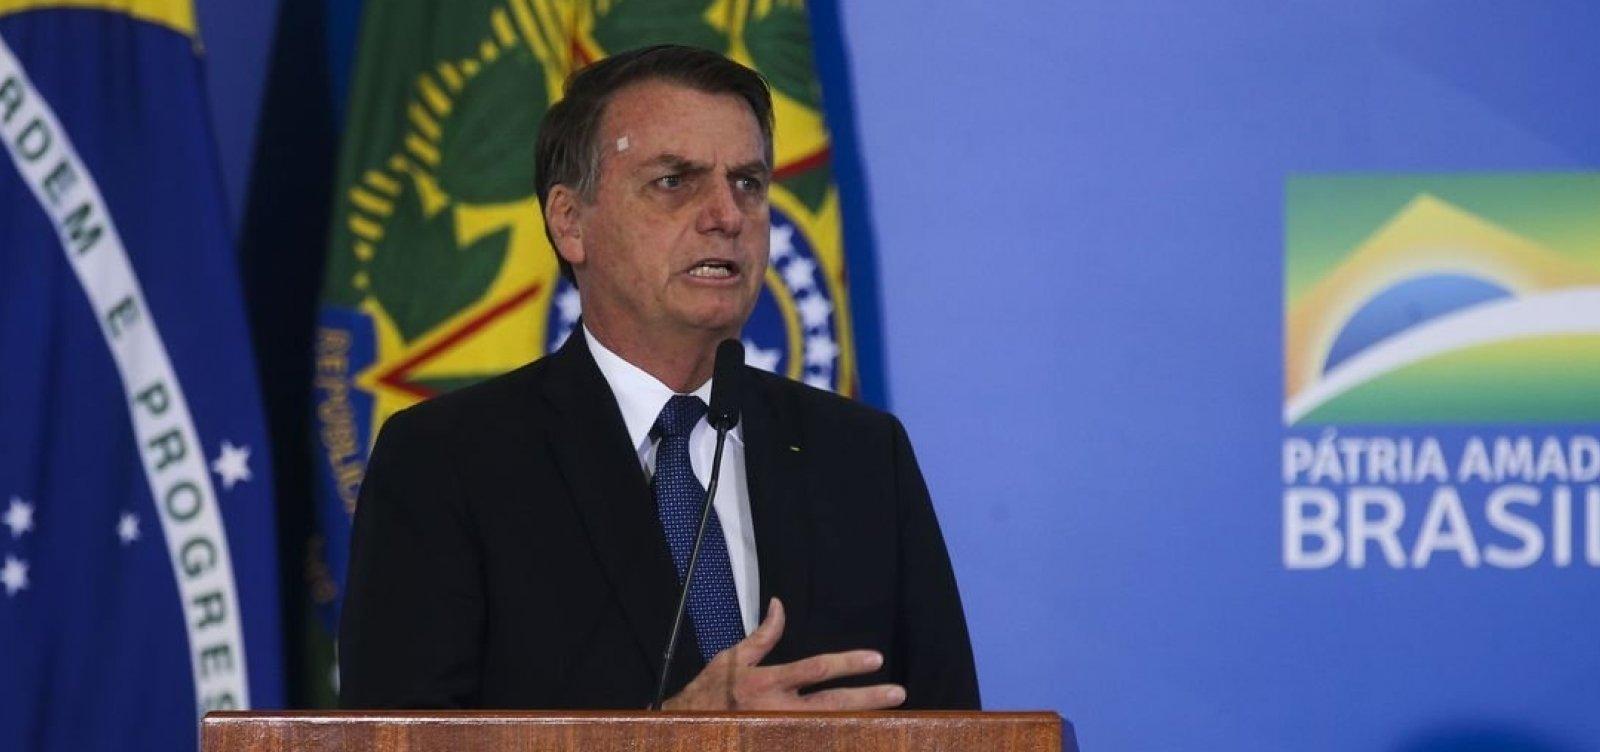 ['Única forma de se comunicar com segurança total é pessoalmente', diz Bolsonaro]